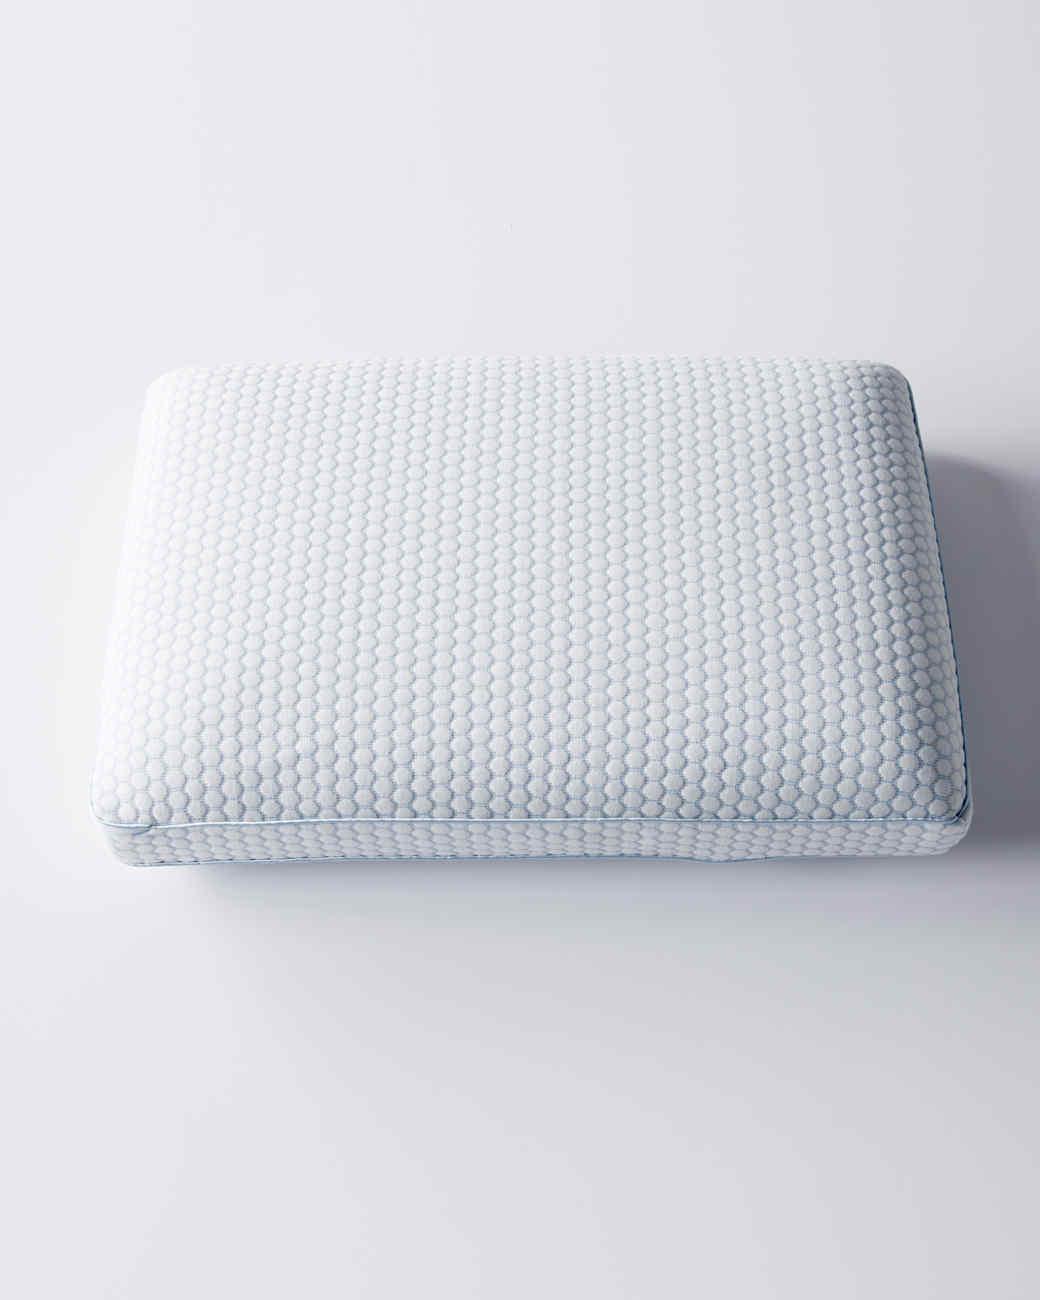 gel-infused-pillow-1-d111310-0914.jpg